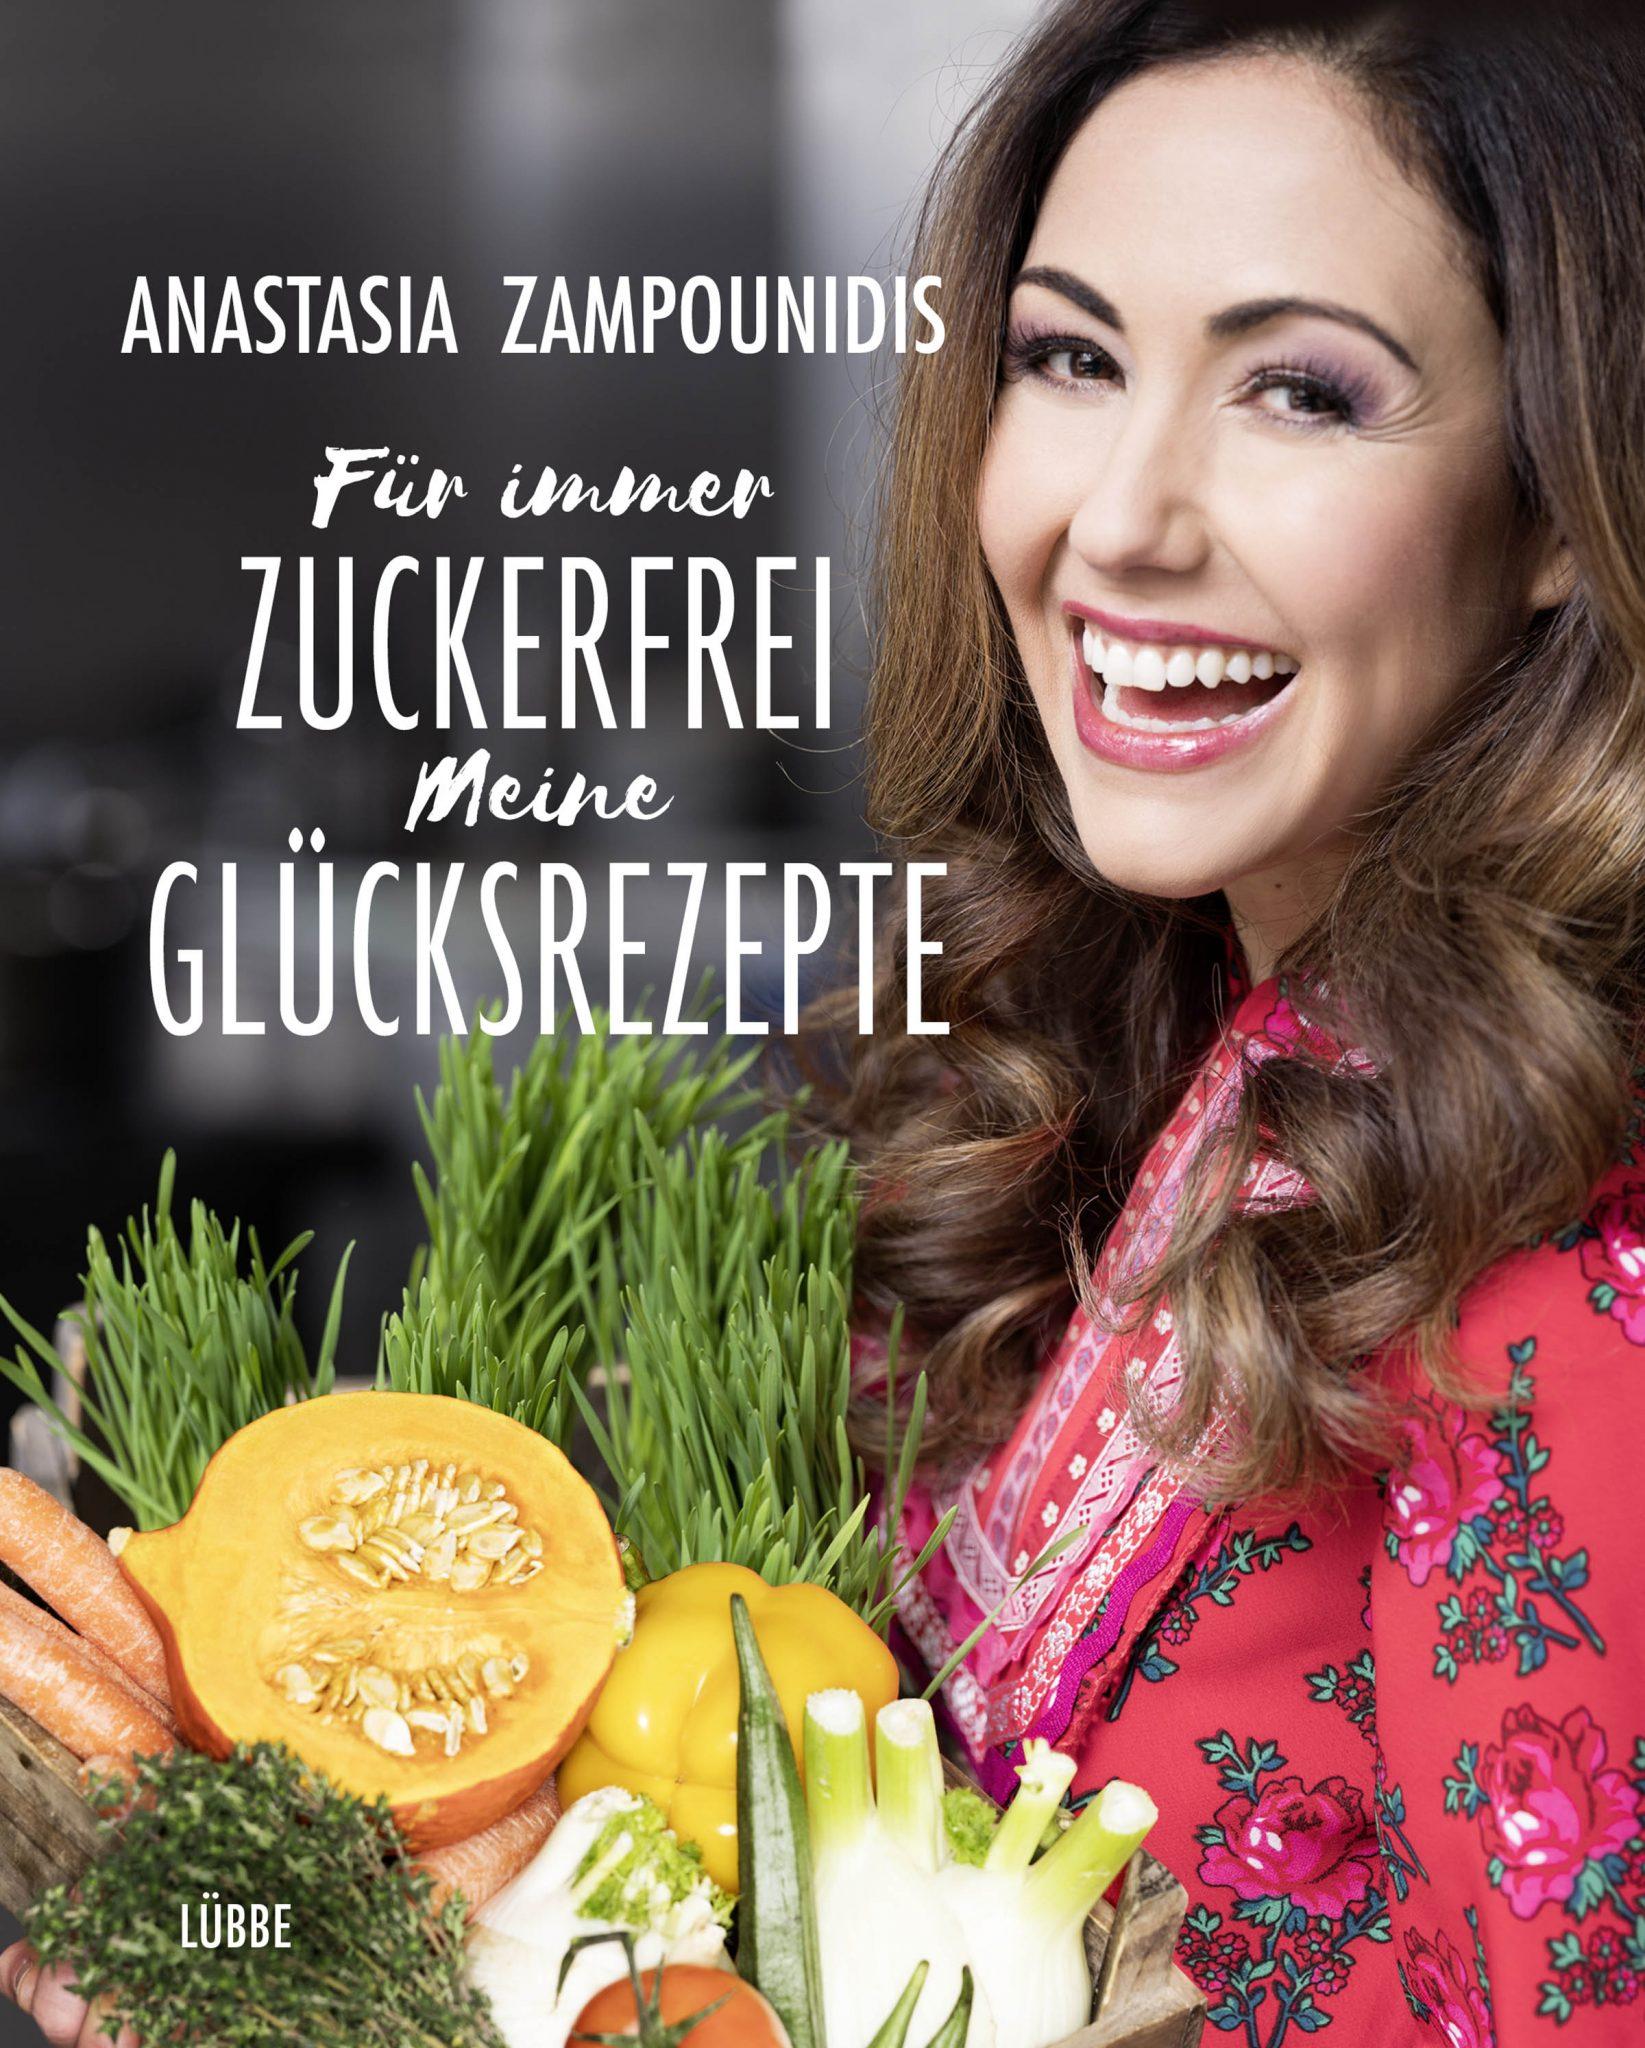 https://proveg.com/de/wp-content/uploads/sites/5/2018/10/fuer-immer-zuckerfrei-meine-gluecksre-org.jpg